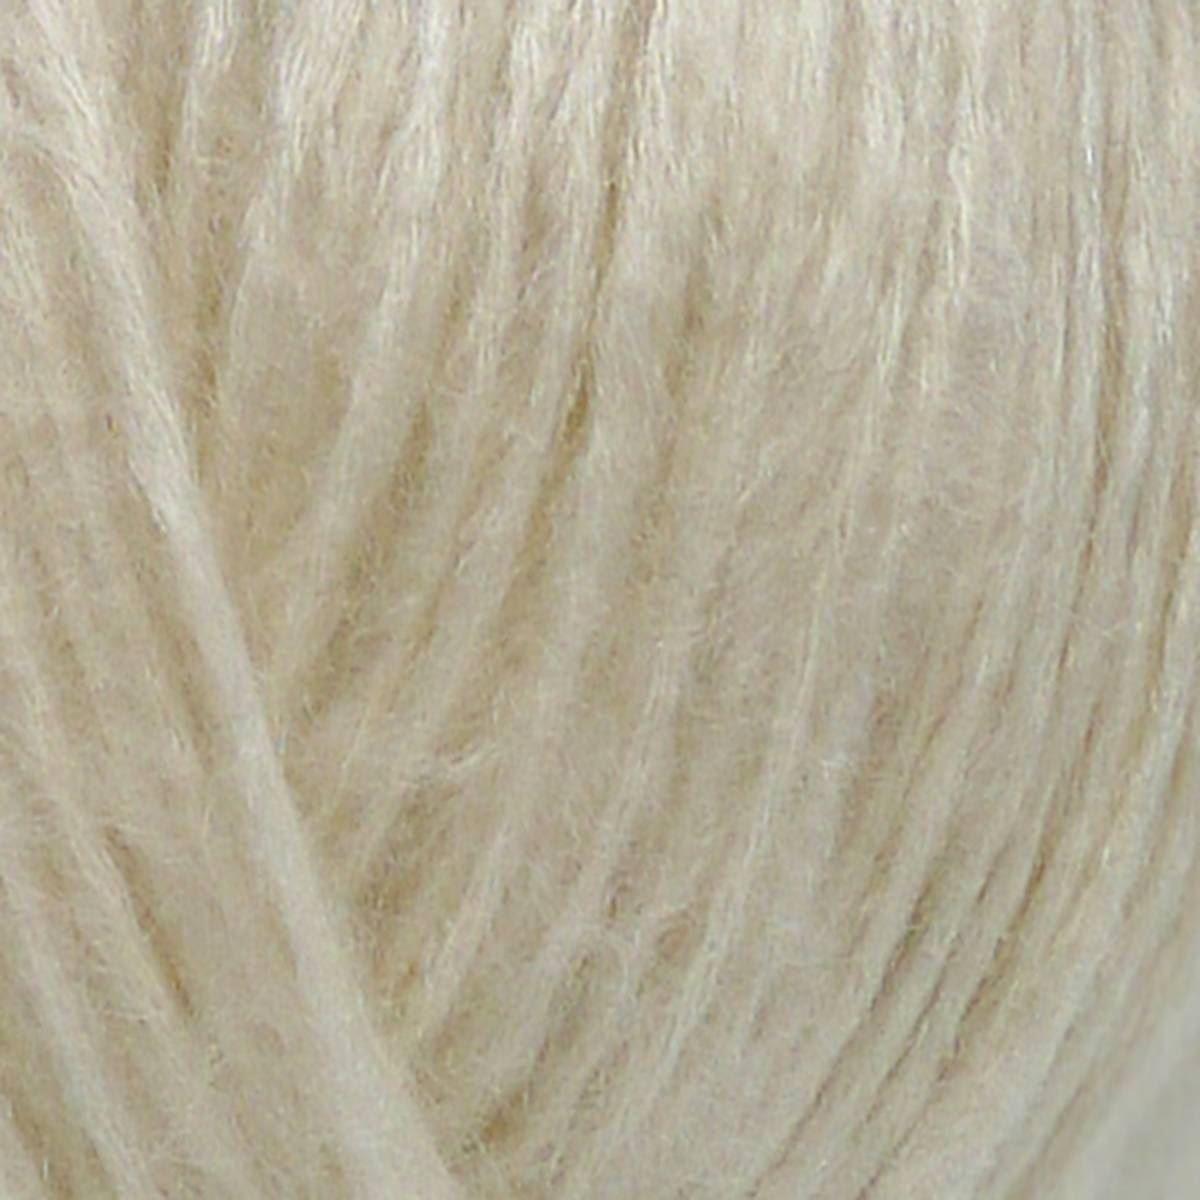 Wendy-Fleur-DK-Yarn-100-g-Different-Colours-Needlecraft-Knitting-Craft